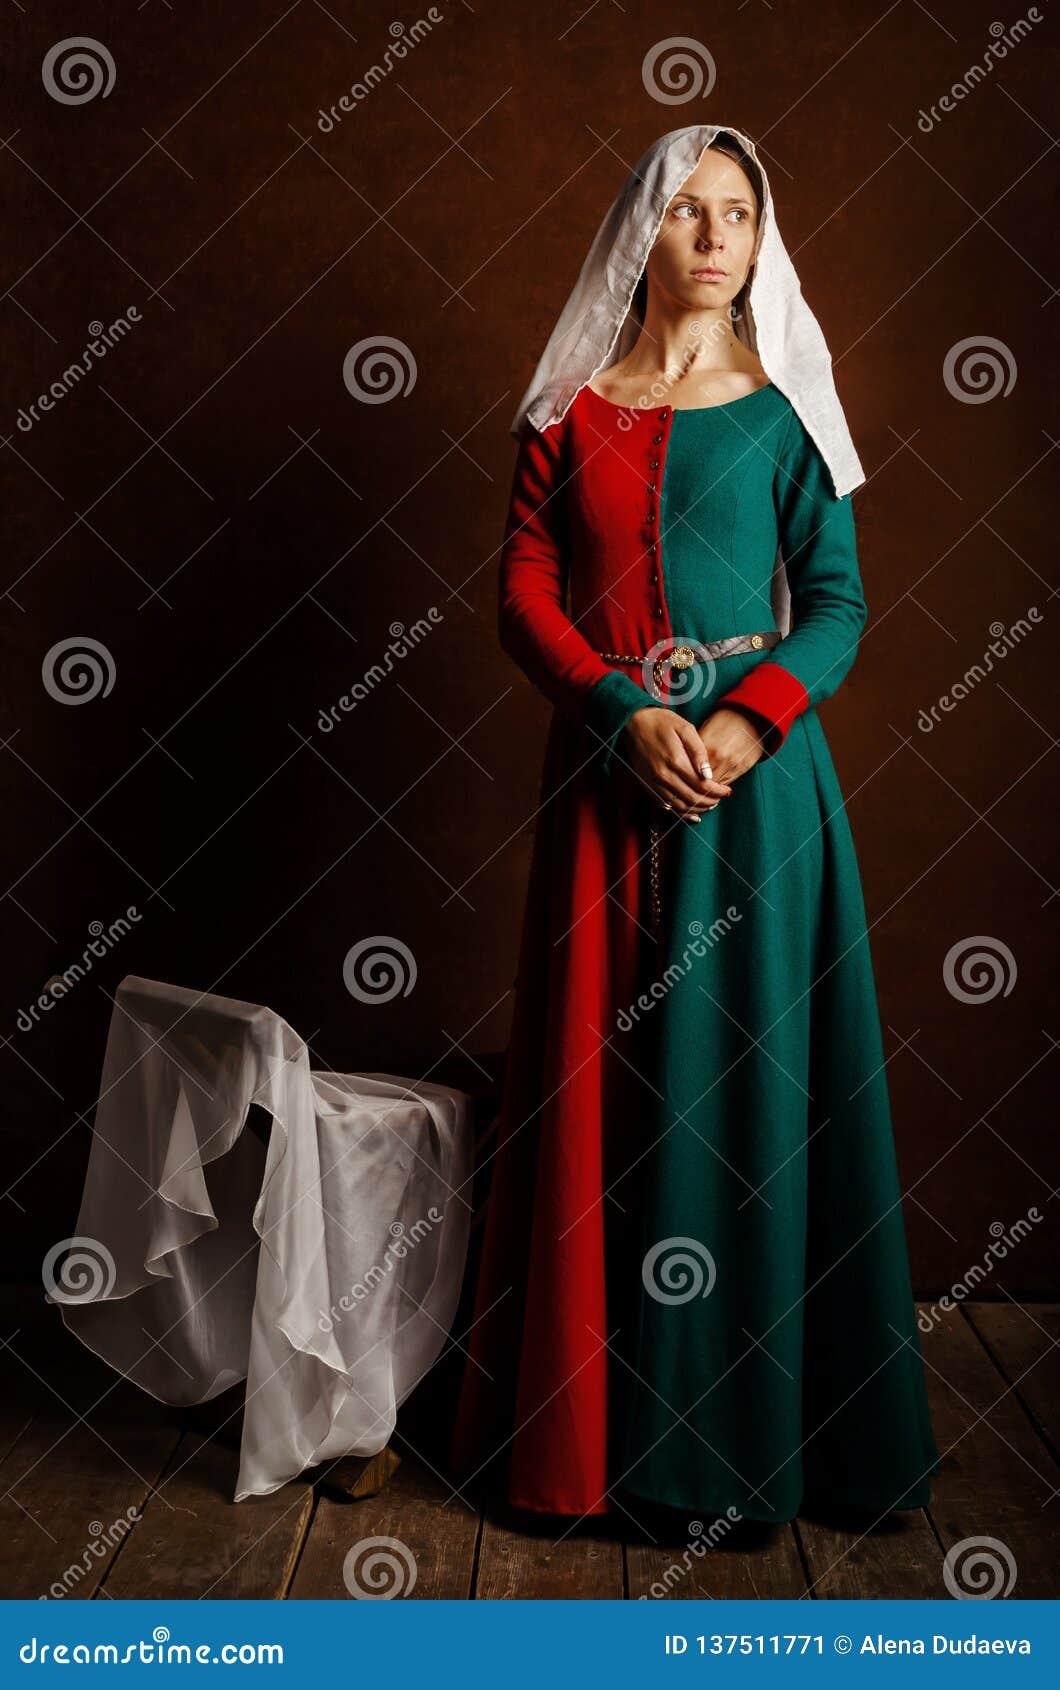 Портрет красивой девушки в средневековом платье в красном и зеленом на коричневой предпосылке